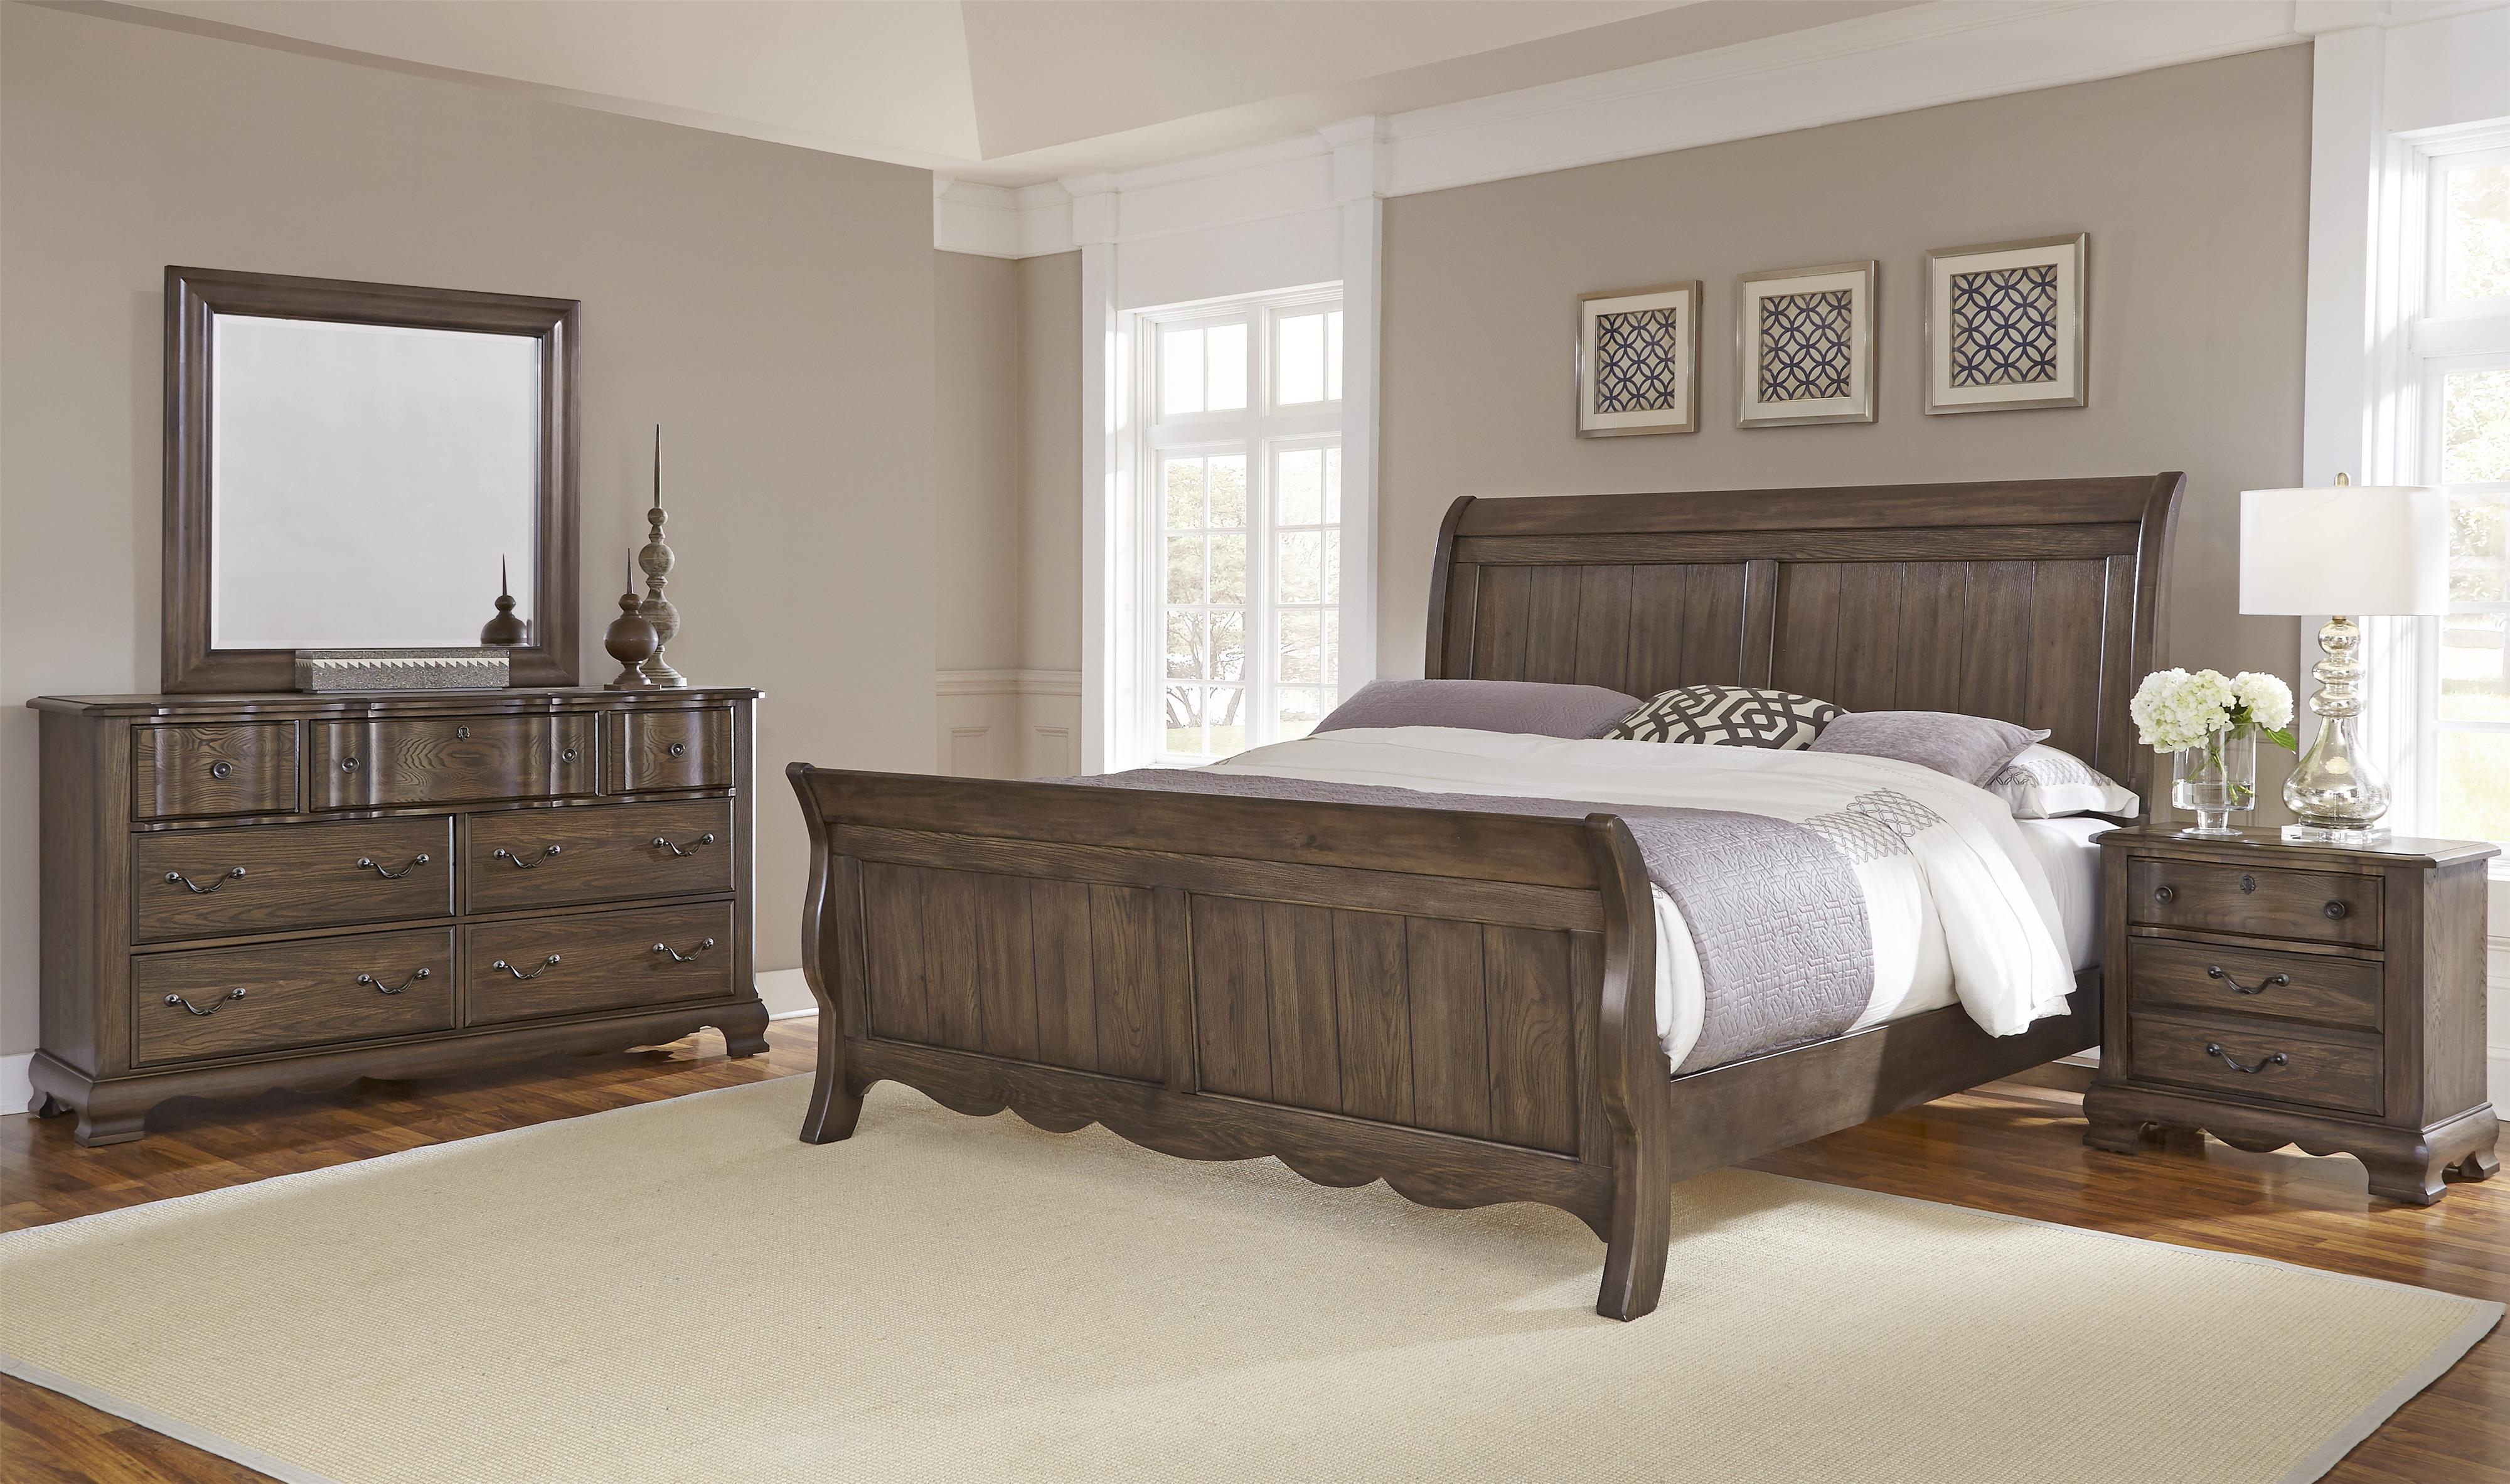 Vaughan Bassett Villa Sophia Queen Bedroom Group - Item Number: 520 Q Bedroom Group 2